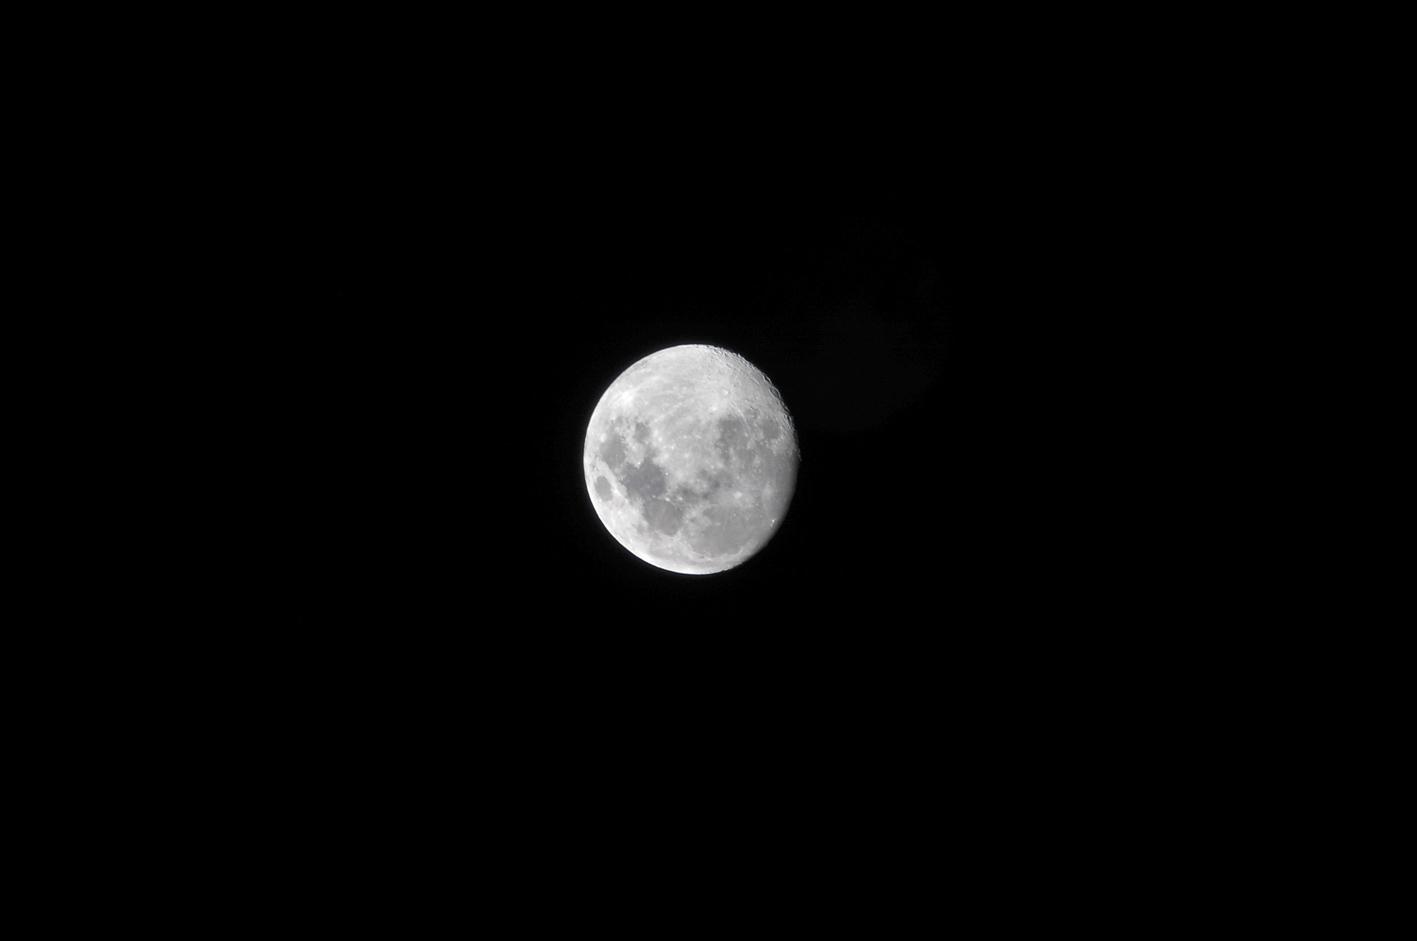 la luna desde el balcón de mi casa